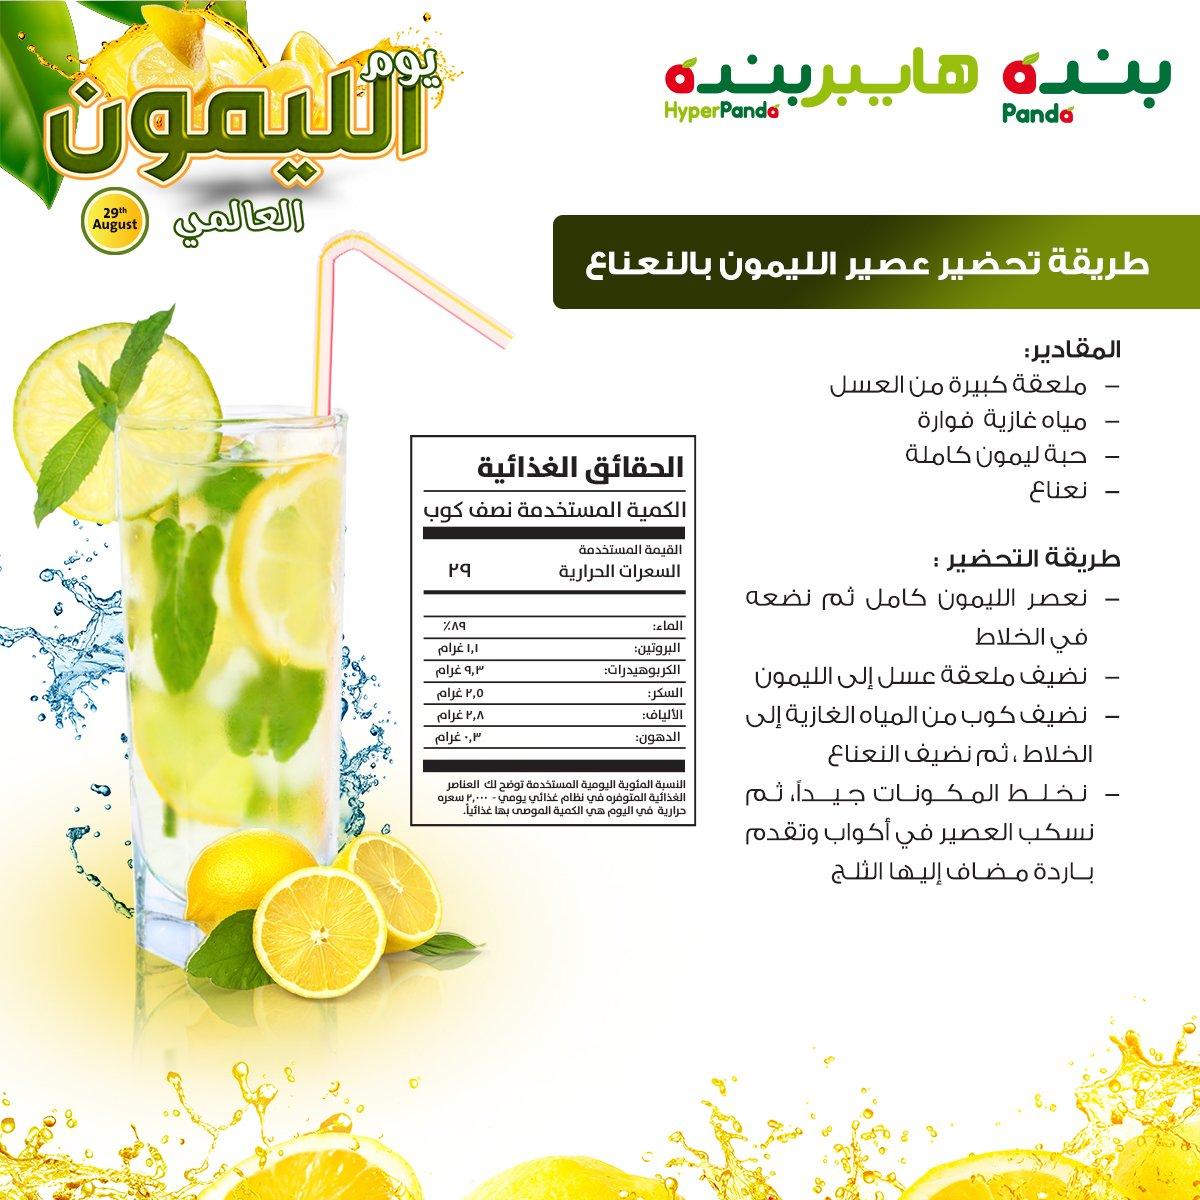 فوائد الليمون للصحة العامة للإنسان القيمه الغذائيه عصير الليمون